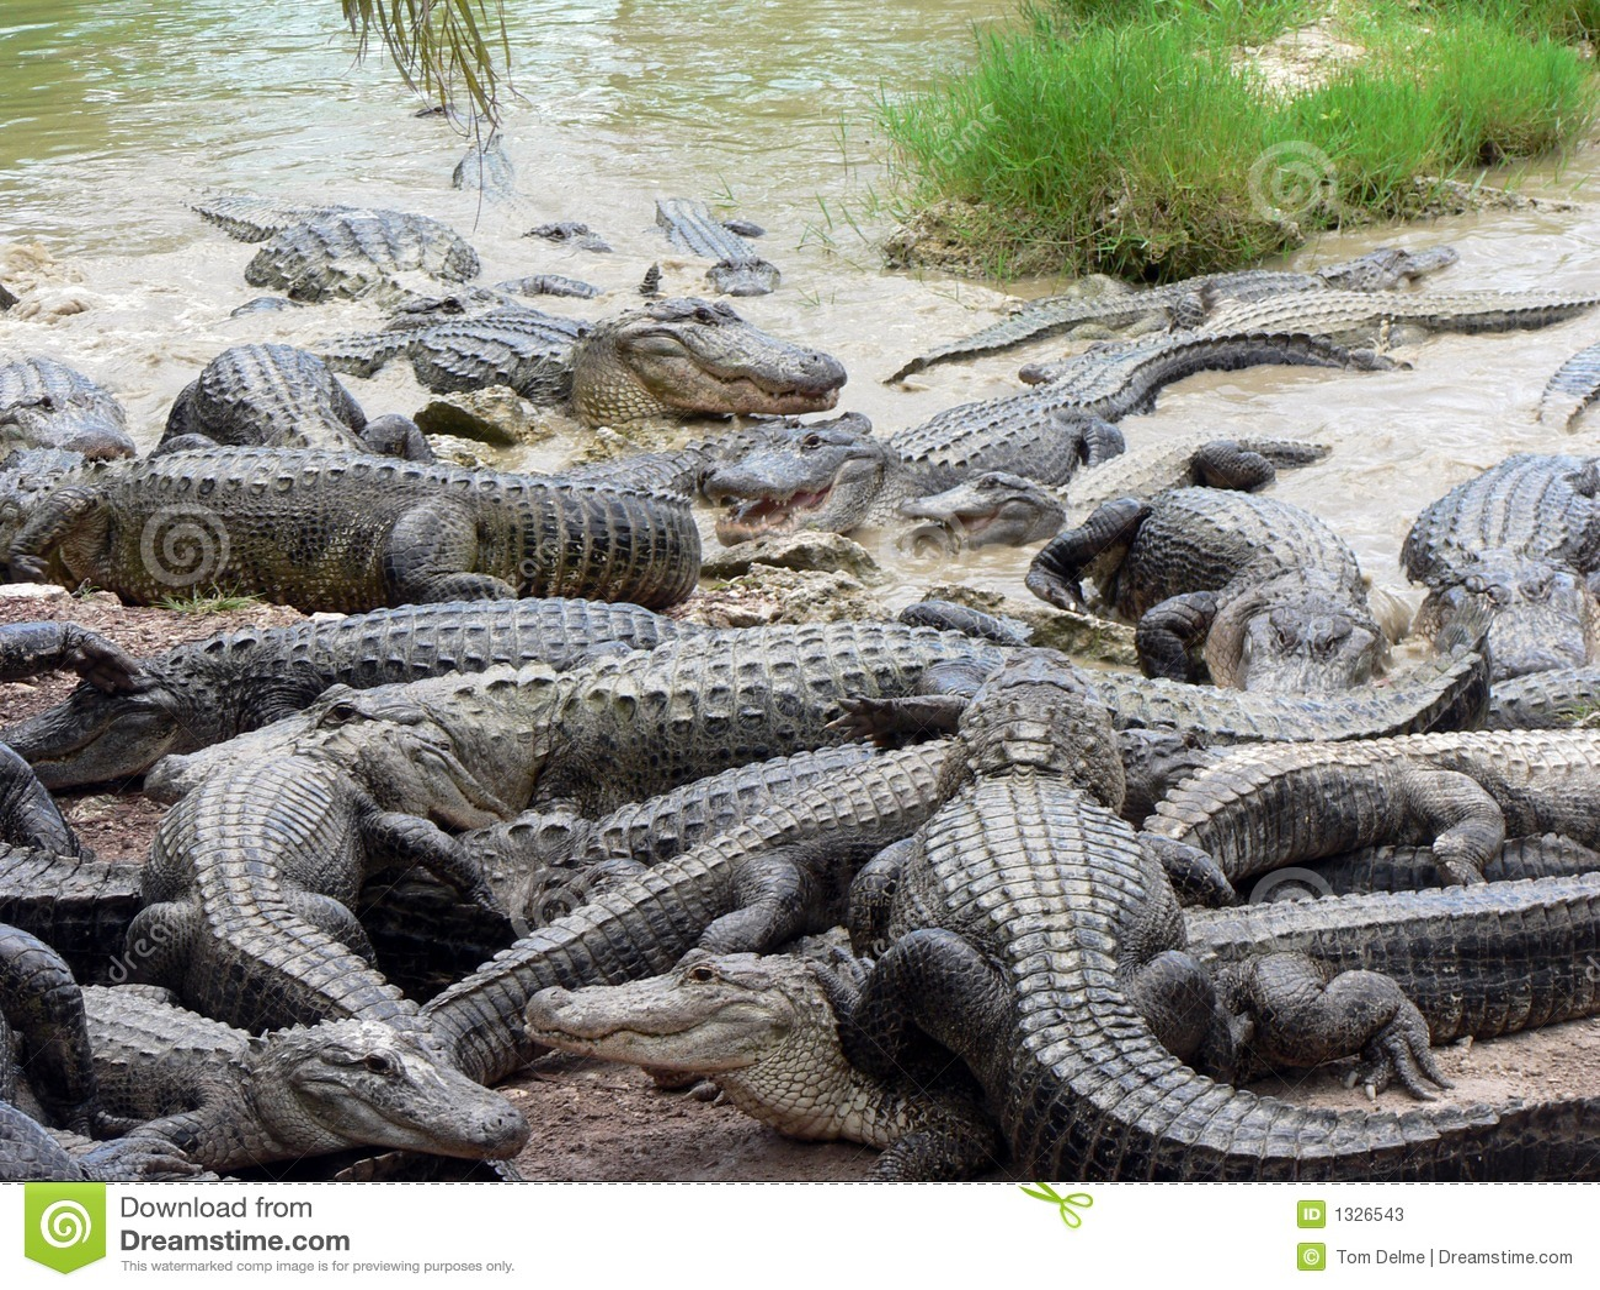 Habitat on web habitat technology group - Alligators Stock Photos Image 1326543